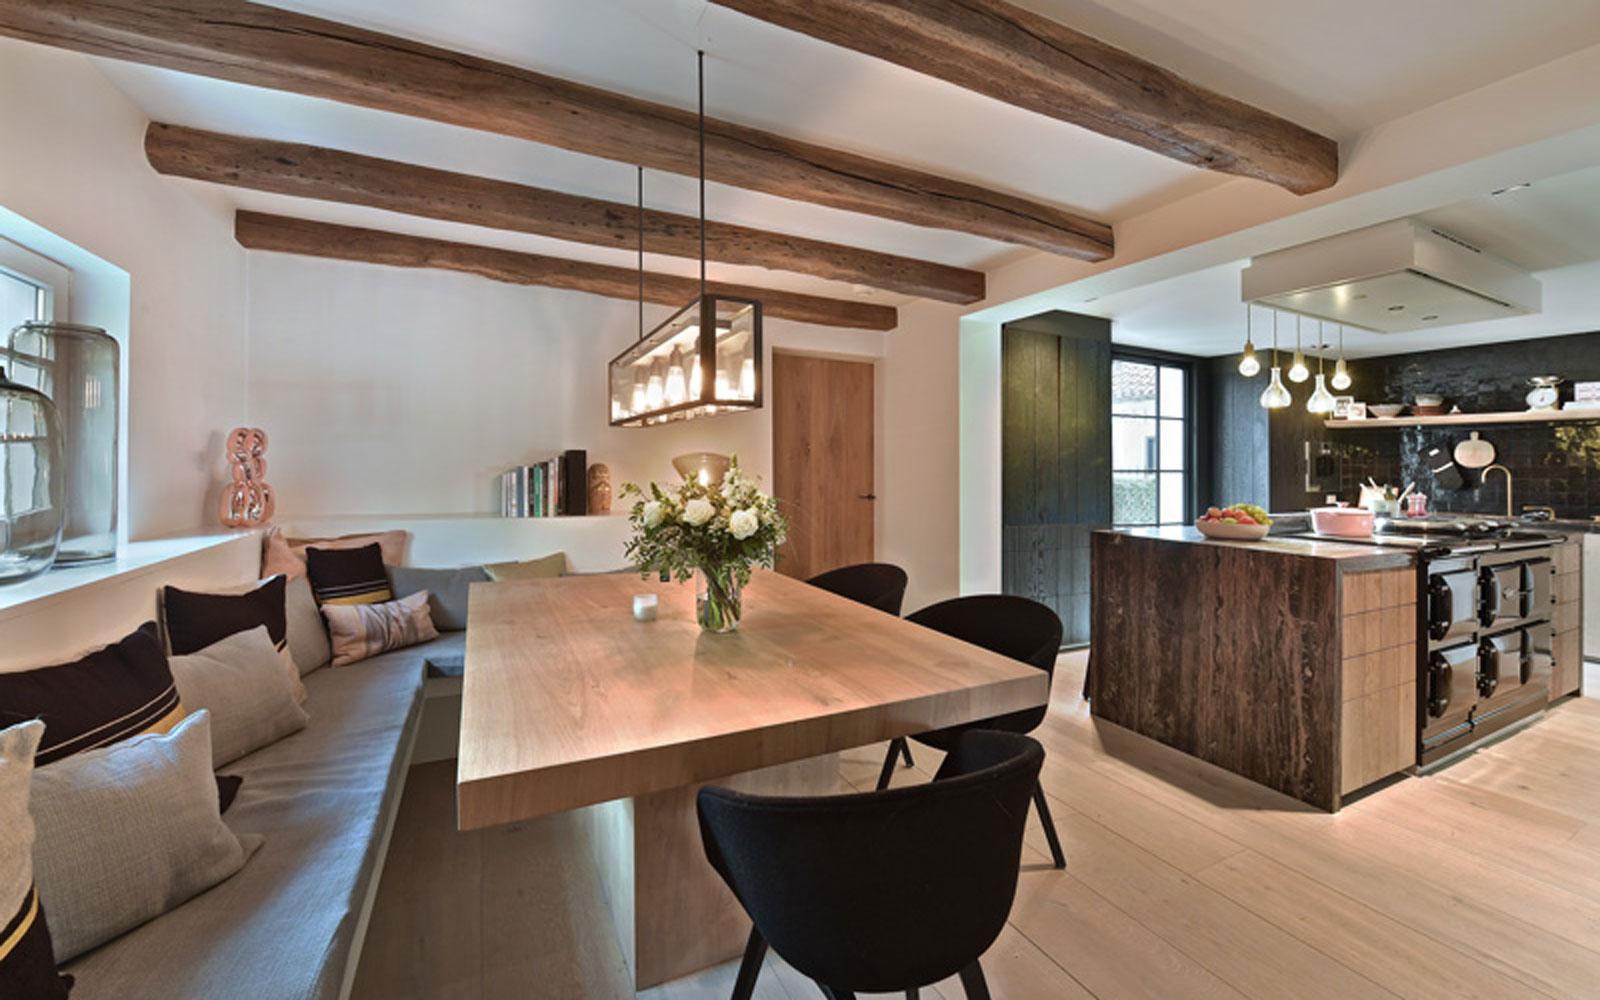 Landelijke keuken, bulthaup, high end kitchen, exclusief, luxe, houten keuen